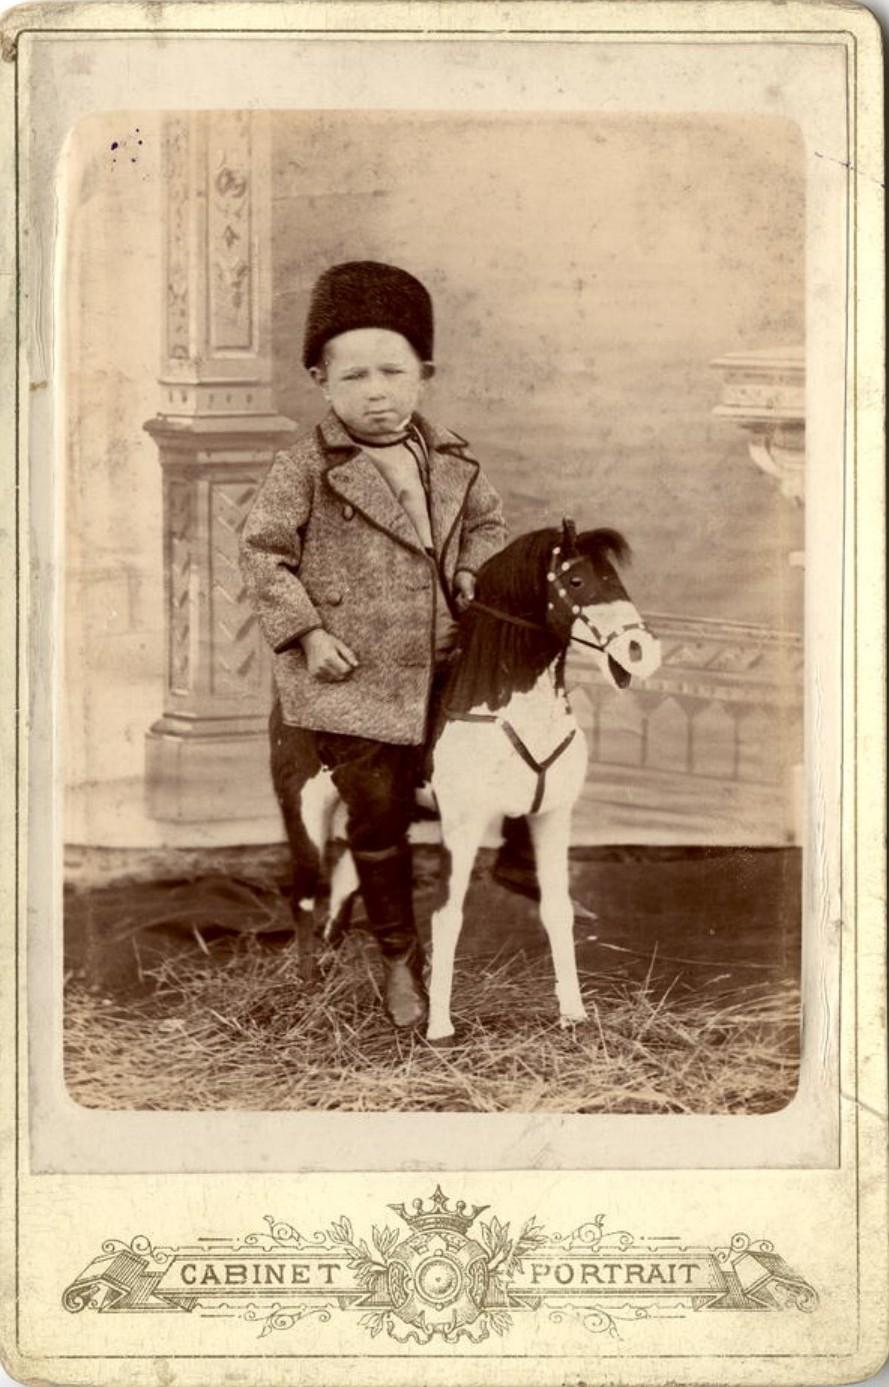 Портрет мальчика, сидящего на игрушечном коне